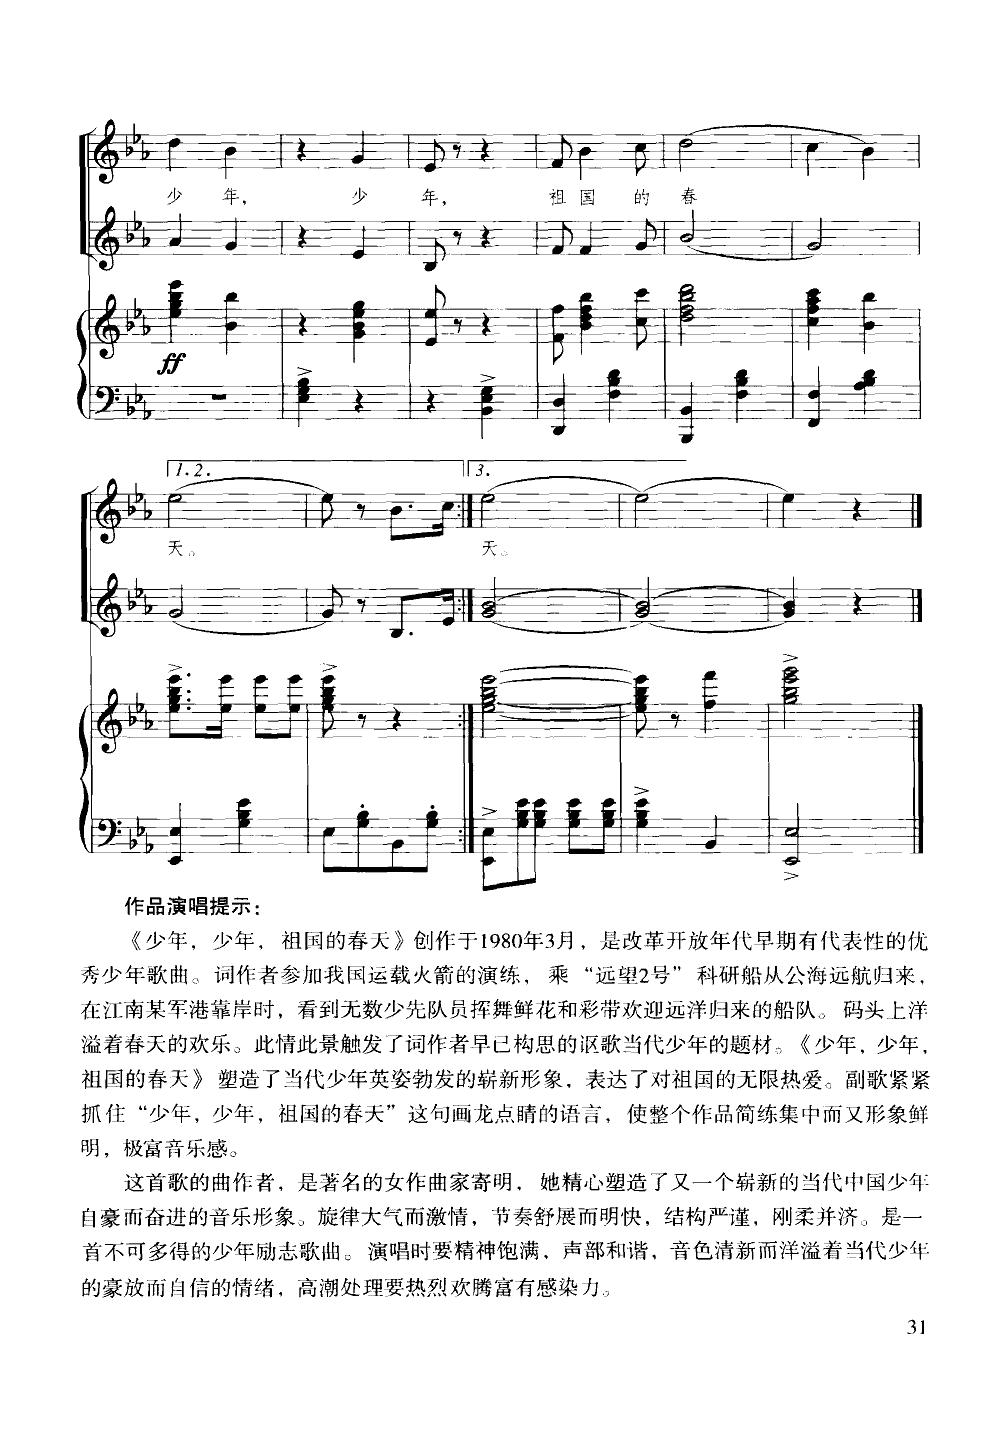 少年,少年,祖国的春天3-钢琴谱-曲谱